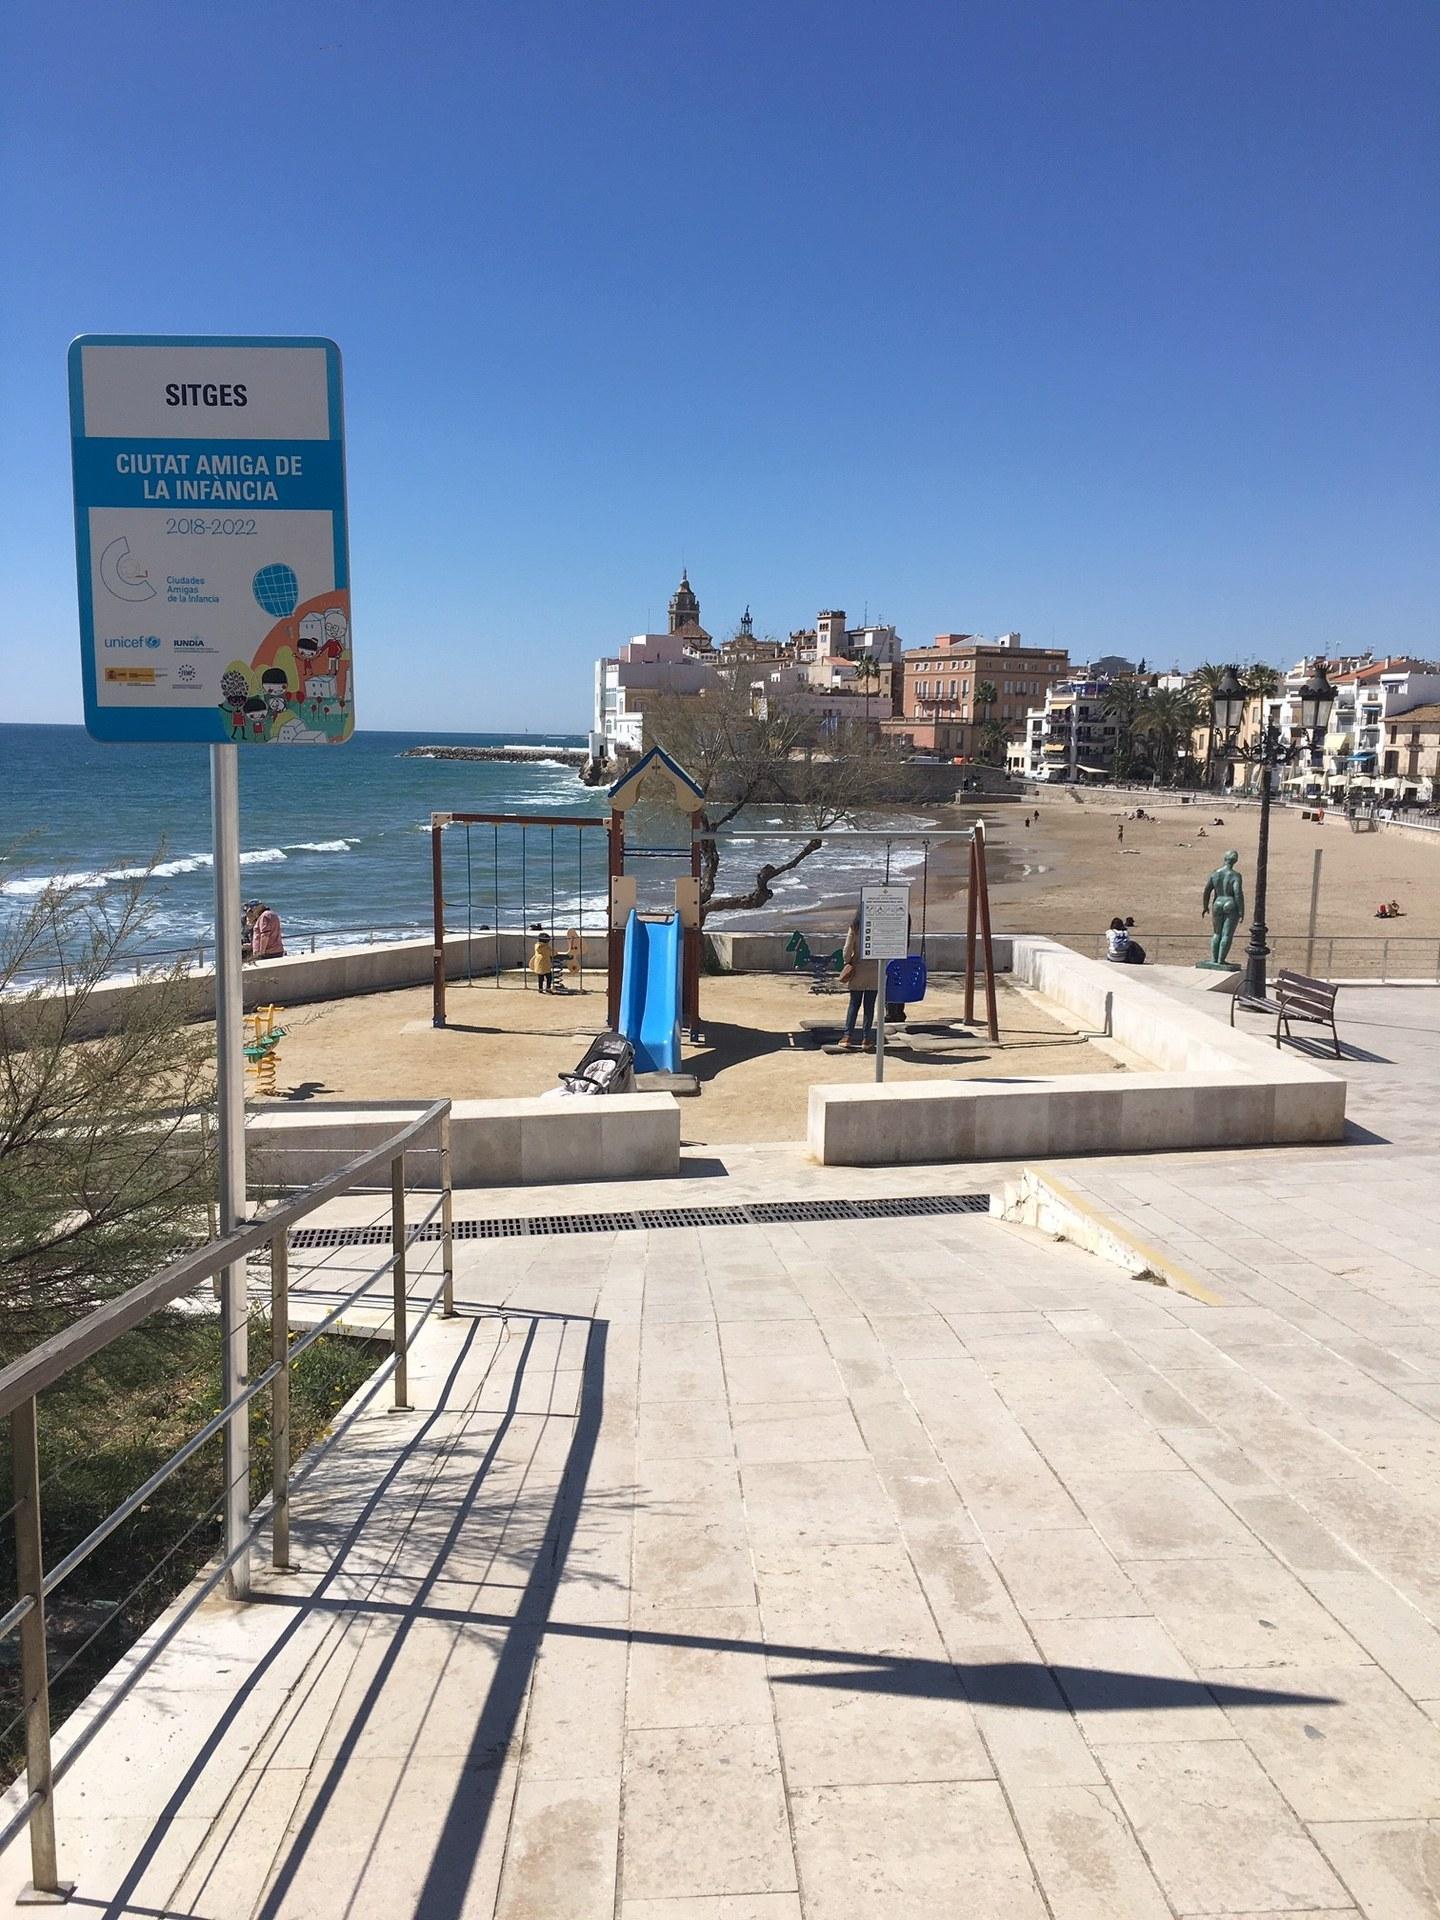 La placa està instal·lada a la plaça de l'ermita de Sant Sebastià i on es pot veure de fons una de les imatges més significatives de Sitges